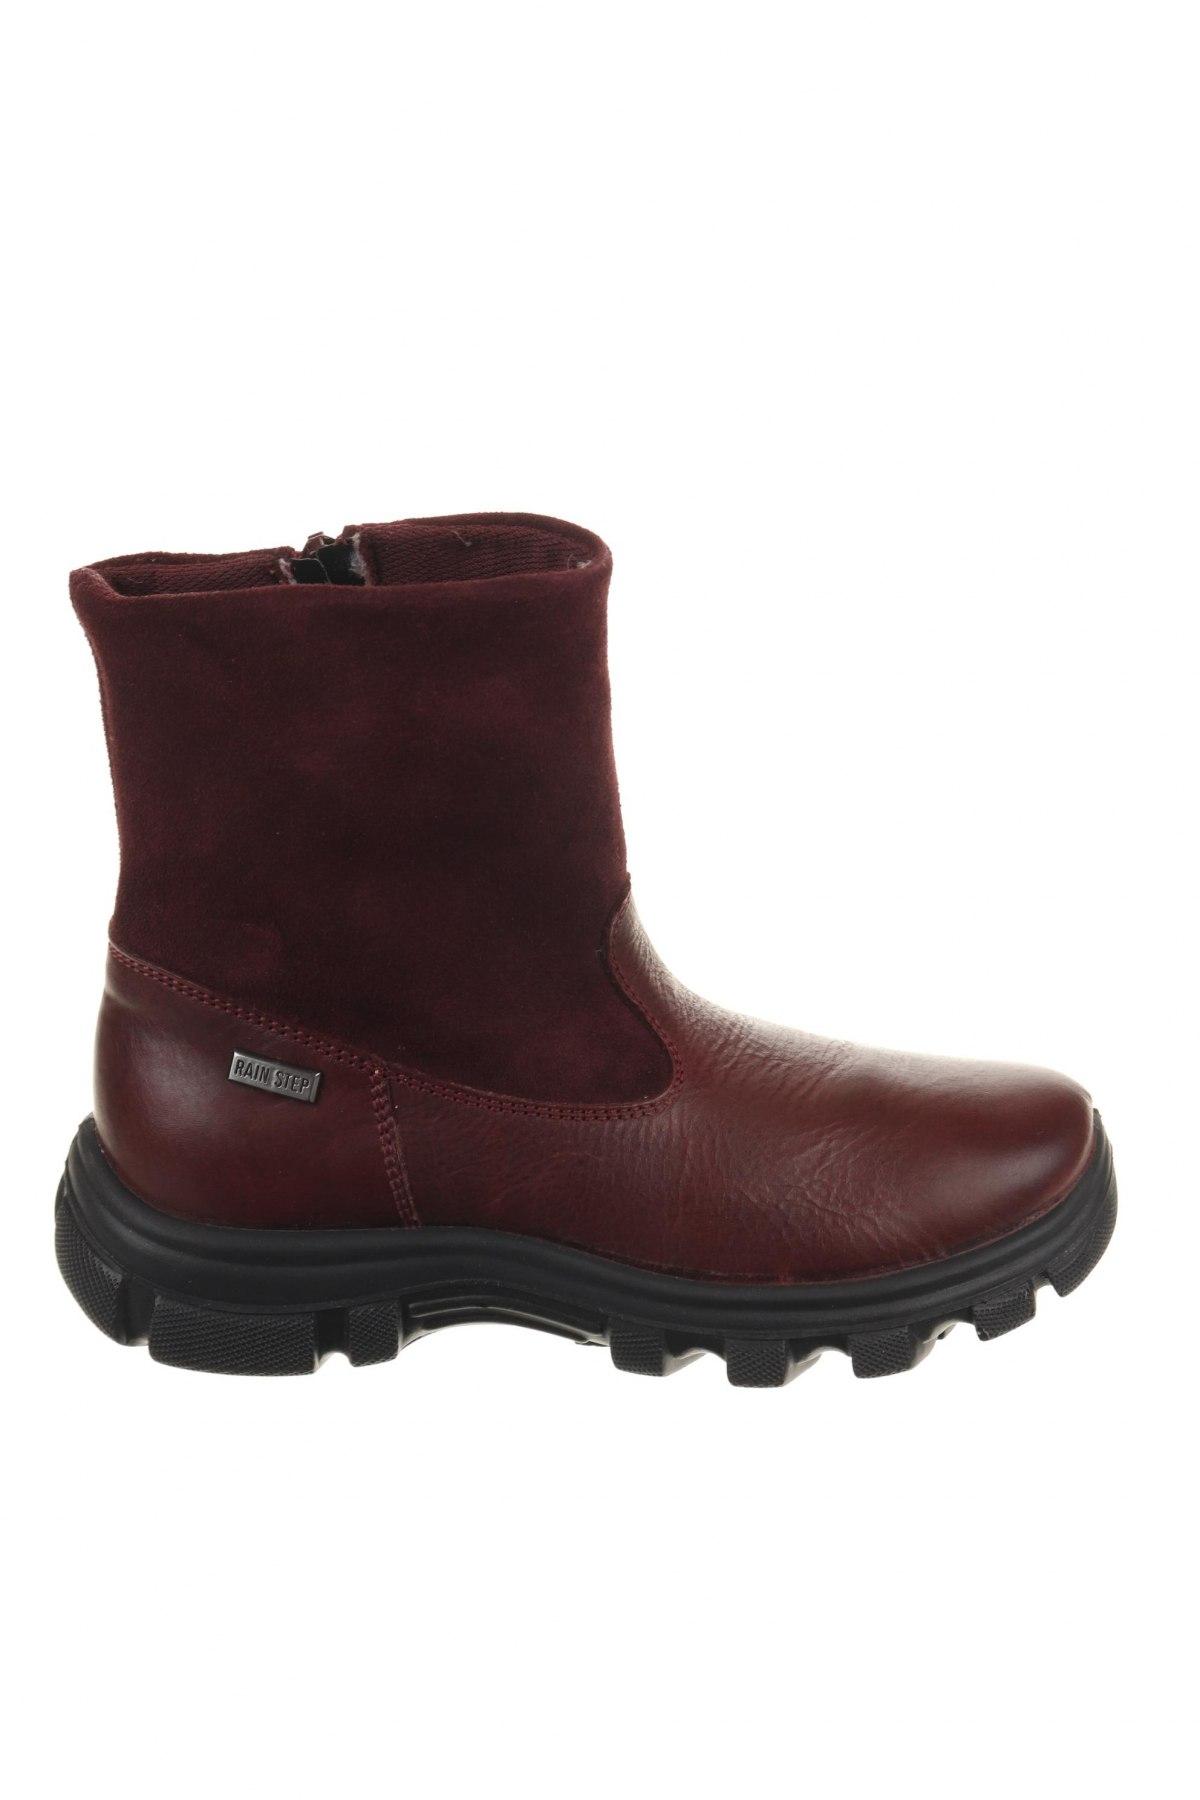 Παιδικά παπούτσια Naturino, Μέγεθος 31, Χρώμα Κόκκινο, Γνήσιο δέρμα, φυσικό σουέτ, Τιμή 46,08€